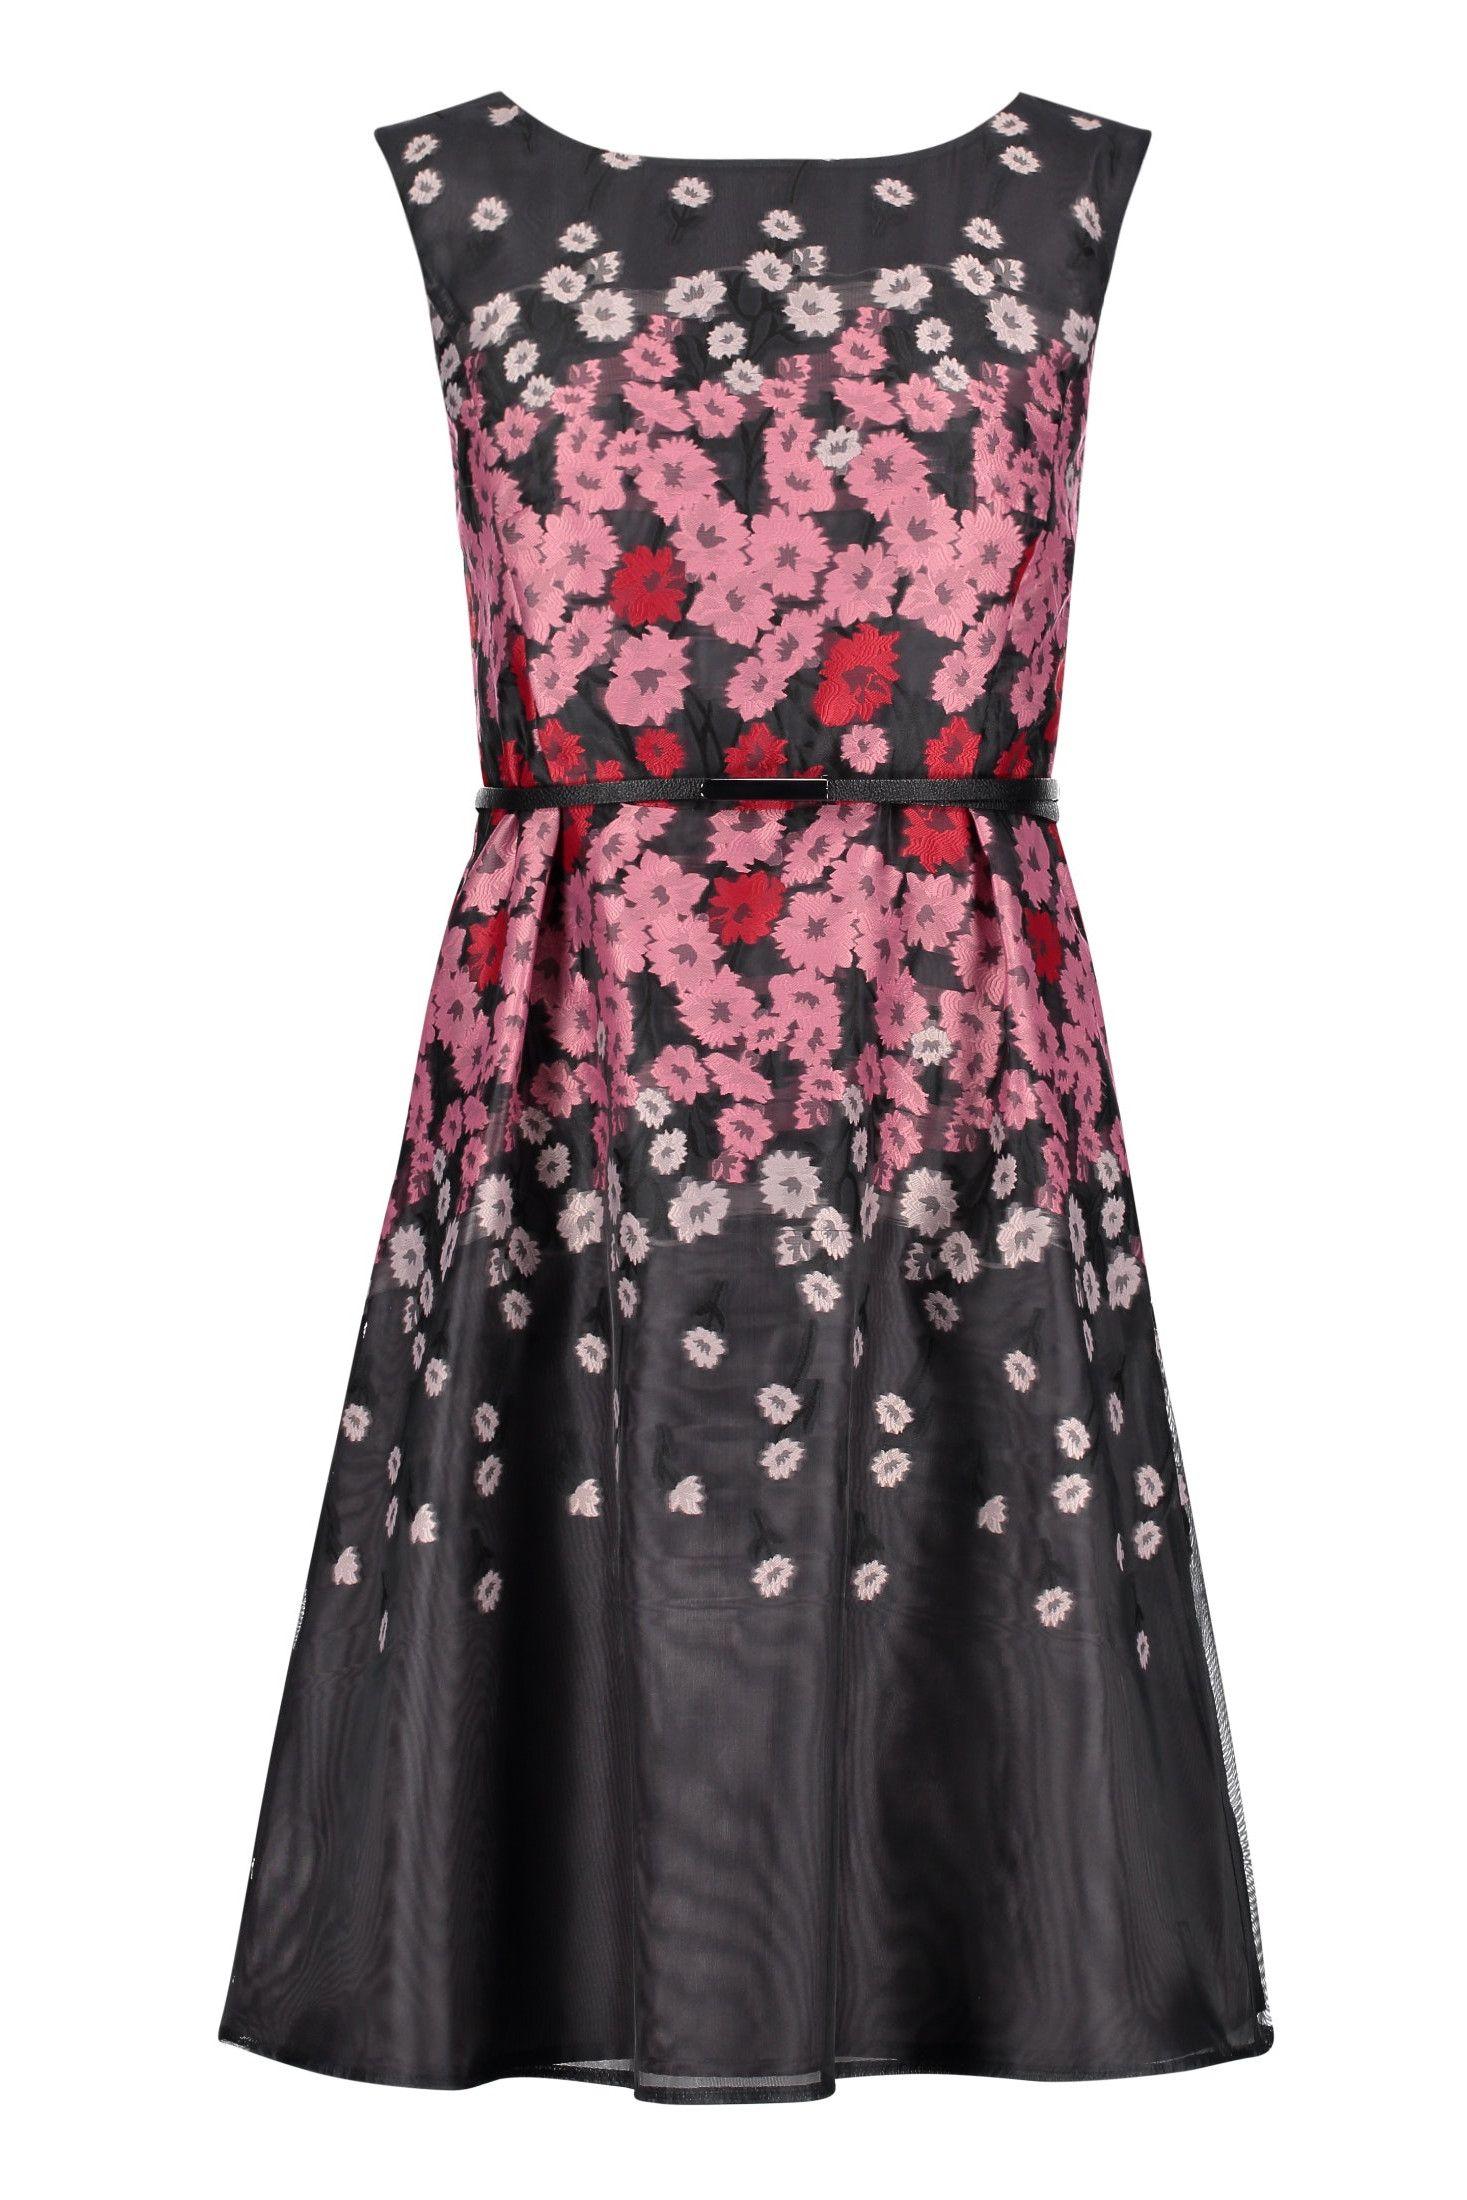 2fb689336ec8f4 Spitzenkleid mit Ärmel | Kurze Cocktailkleider | Dresses, Fashion und Skirts